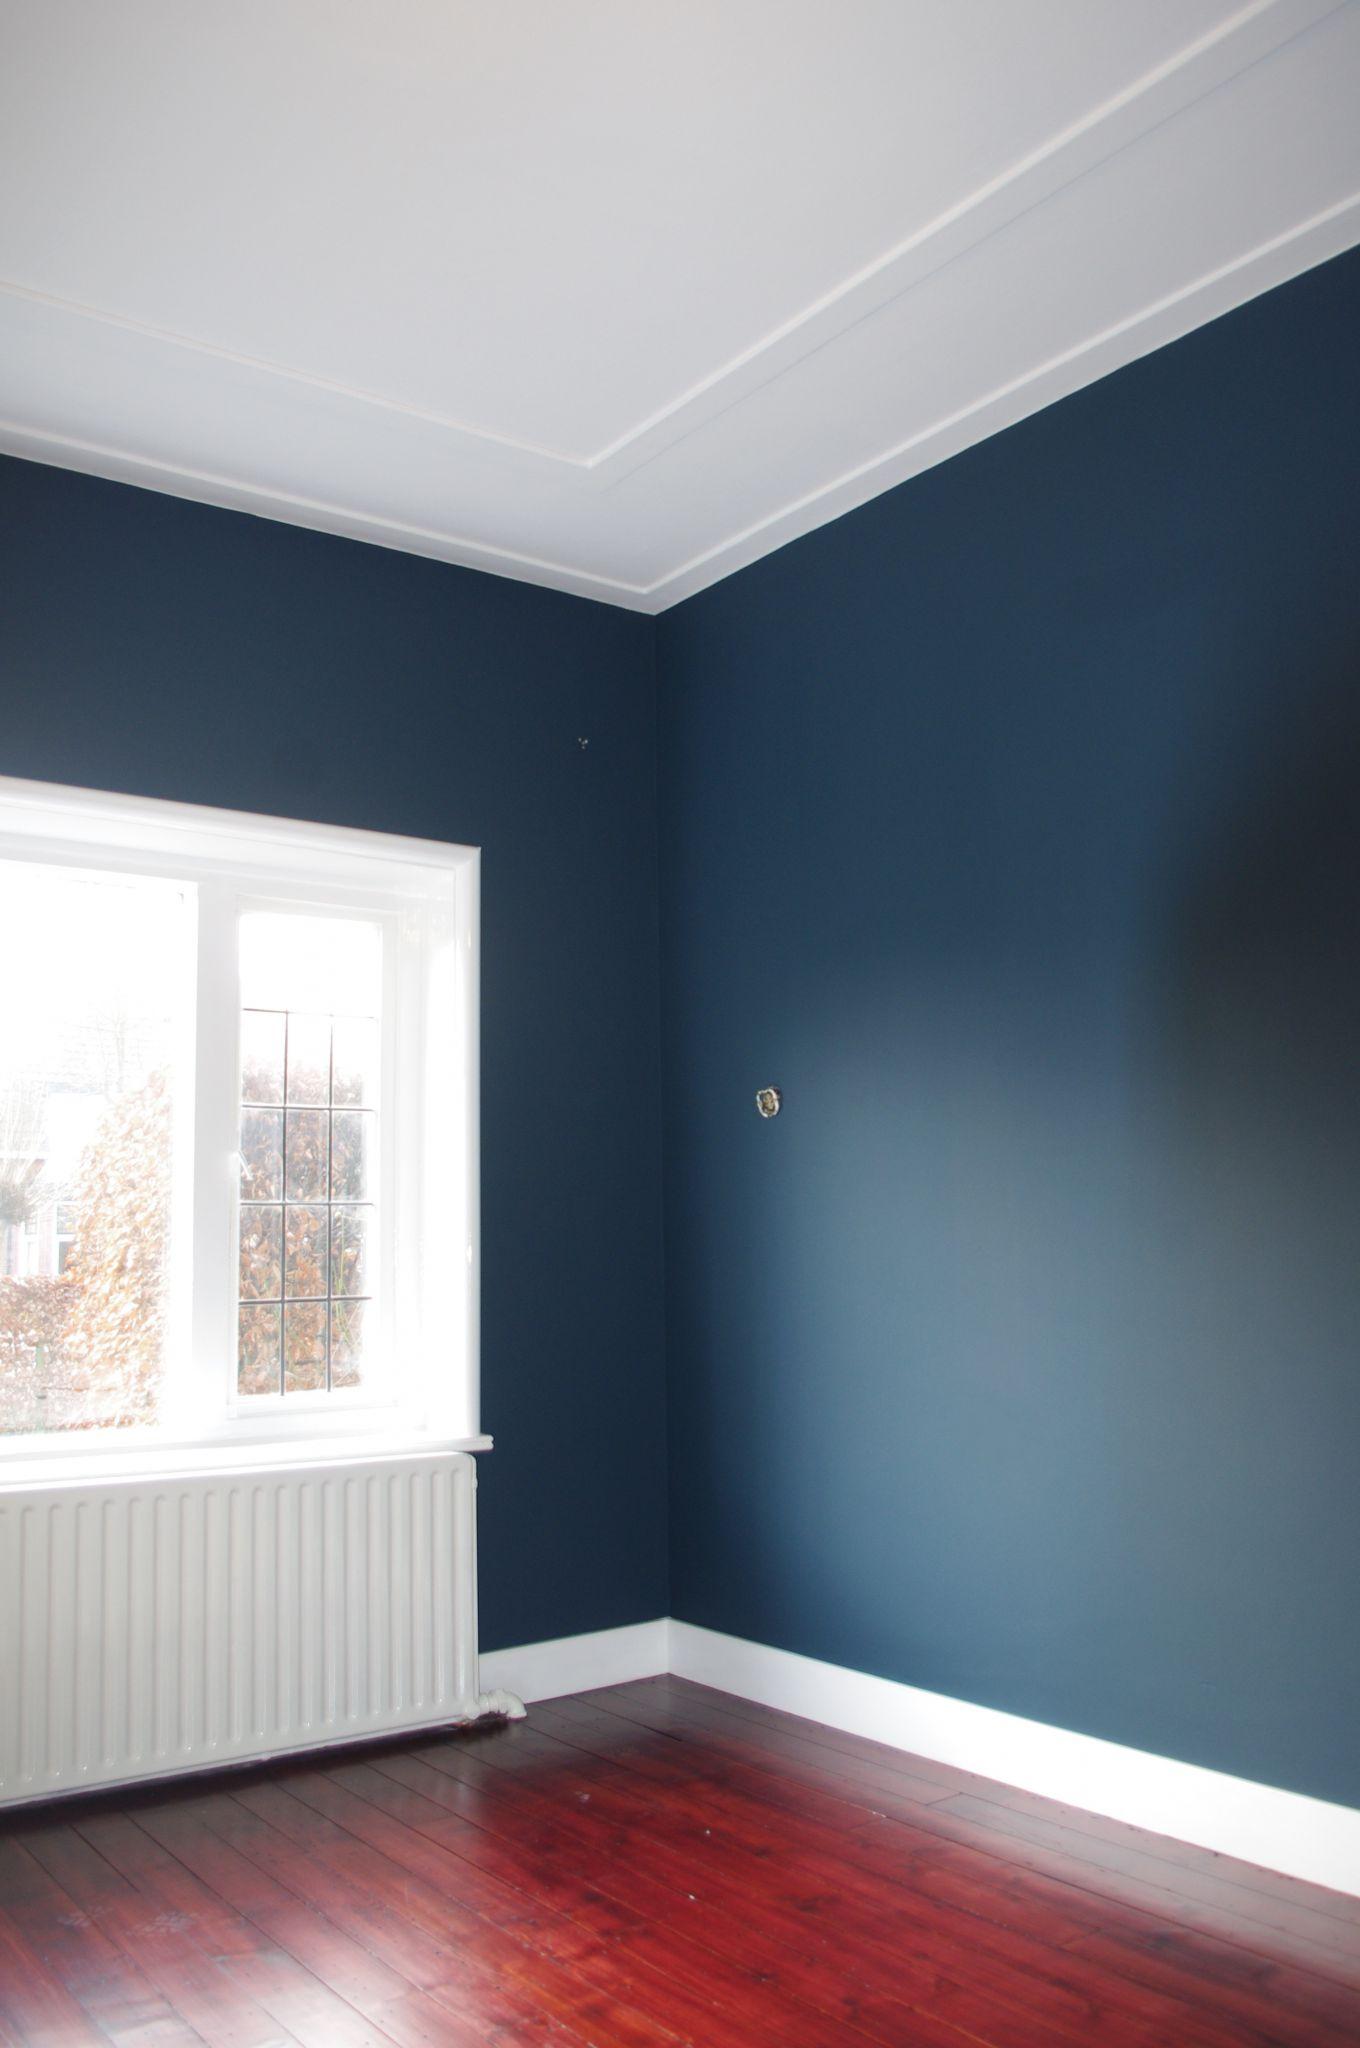 Molenweg 34 te haren walter hoogesteger schilders - Welke kleur verf voor een kamer ...